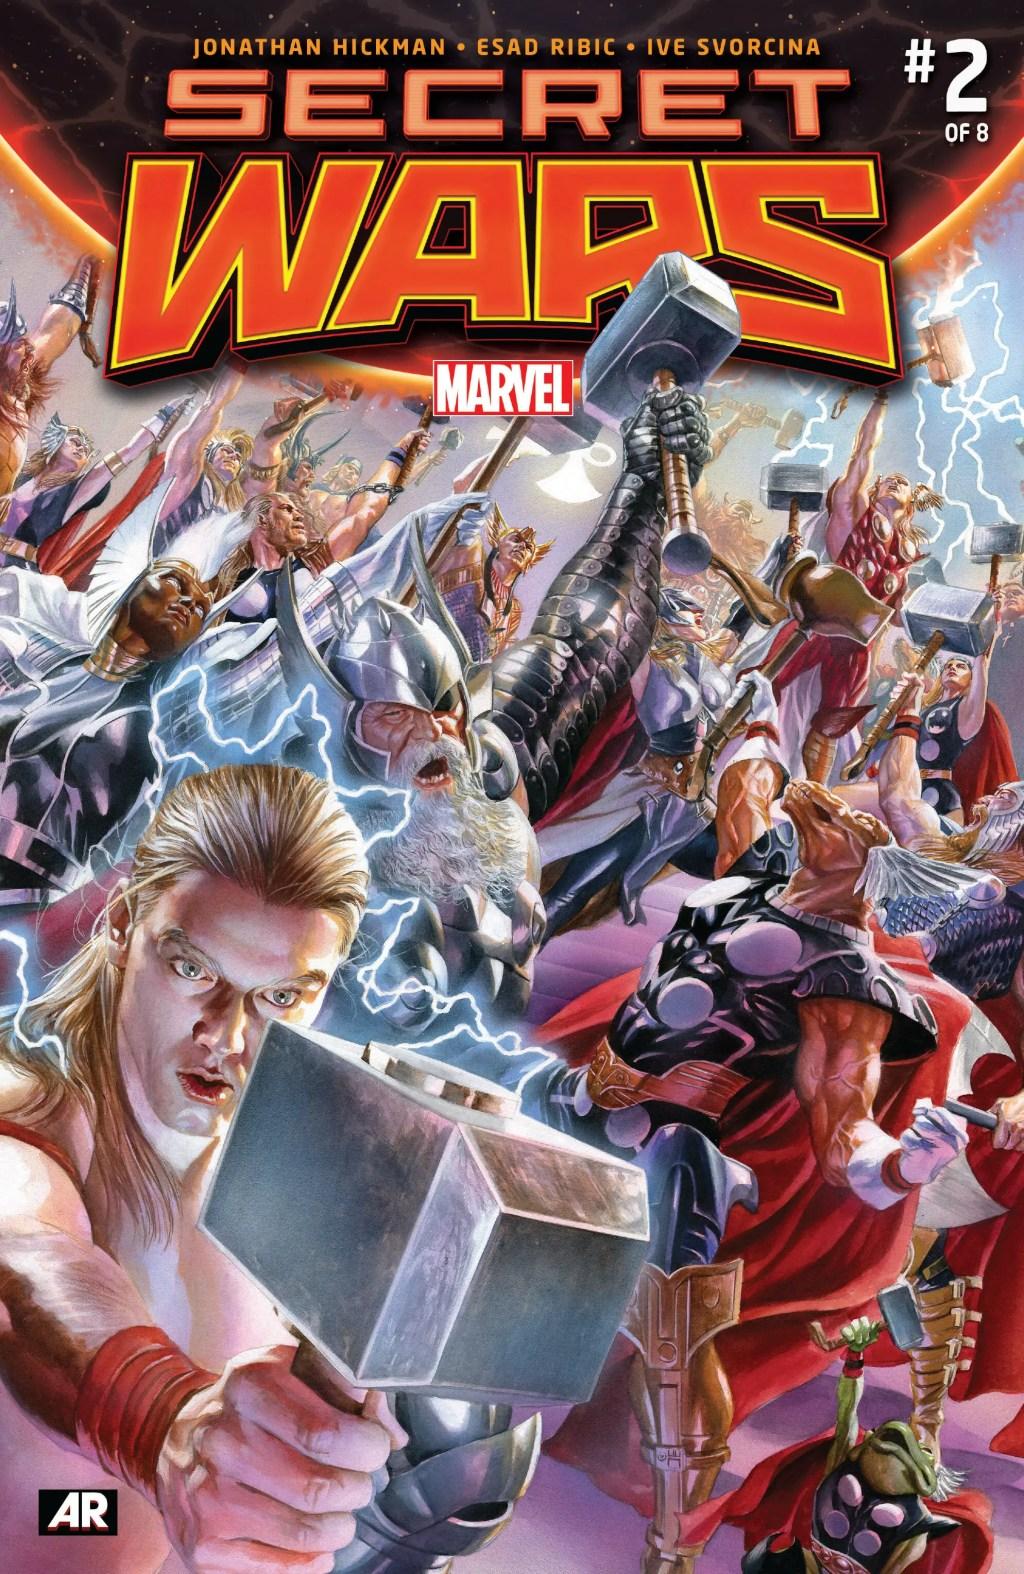 Secret Wars #2 Review